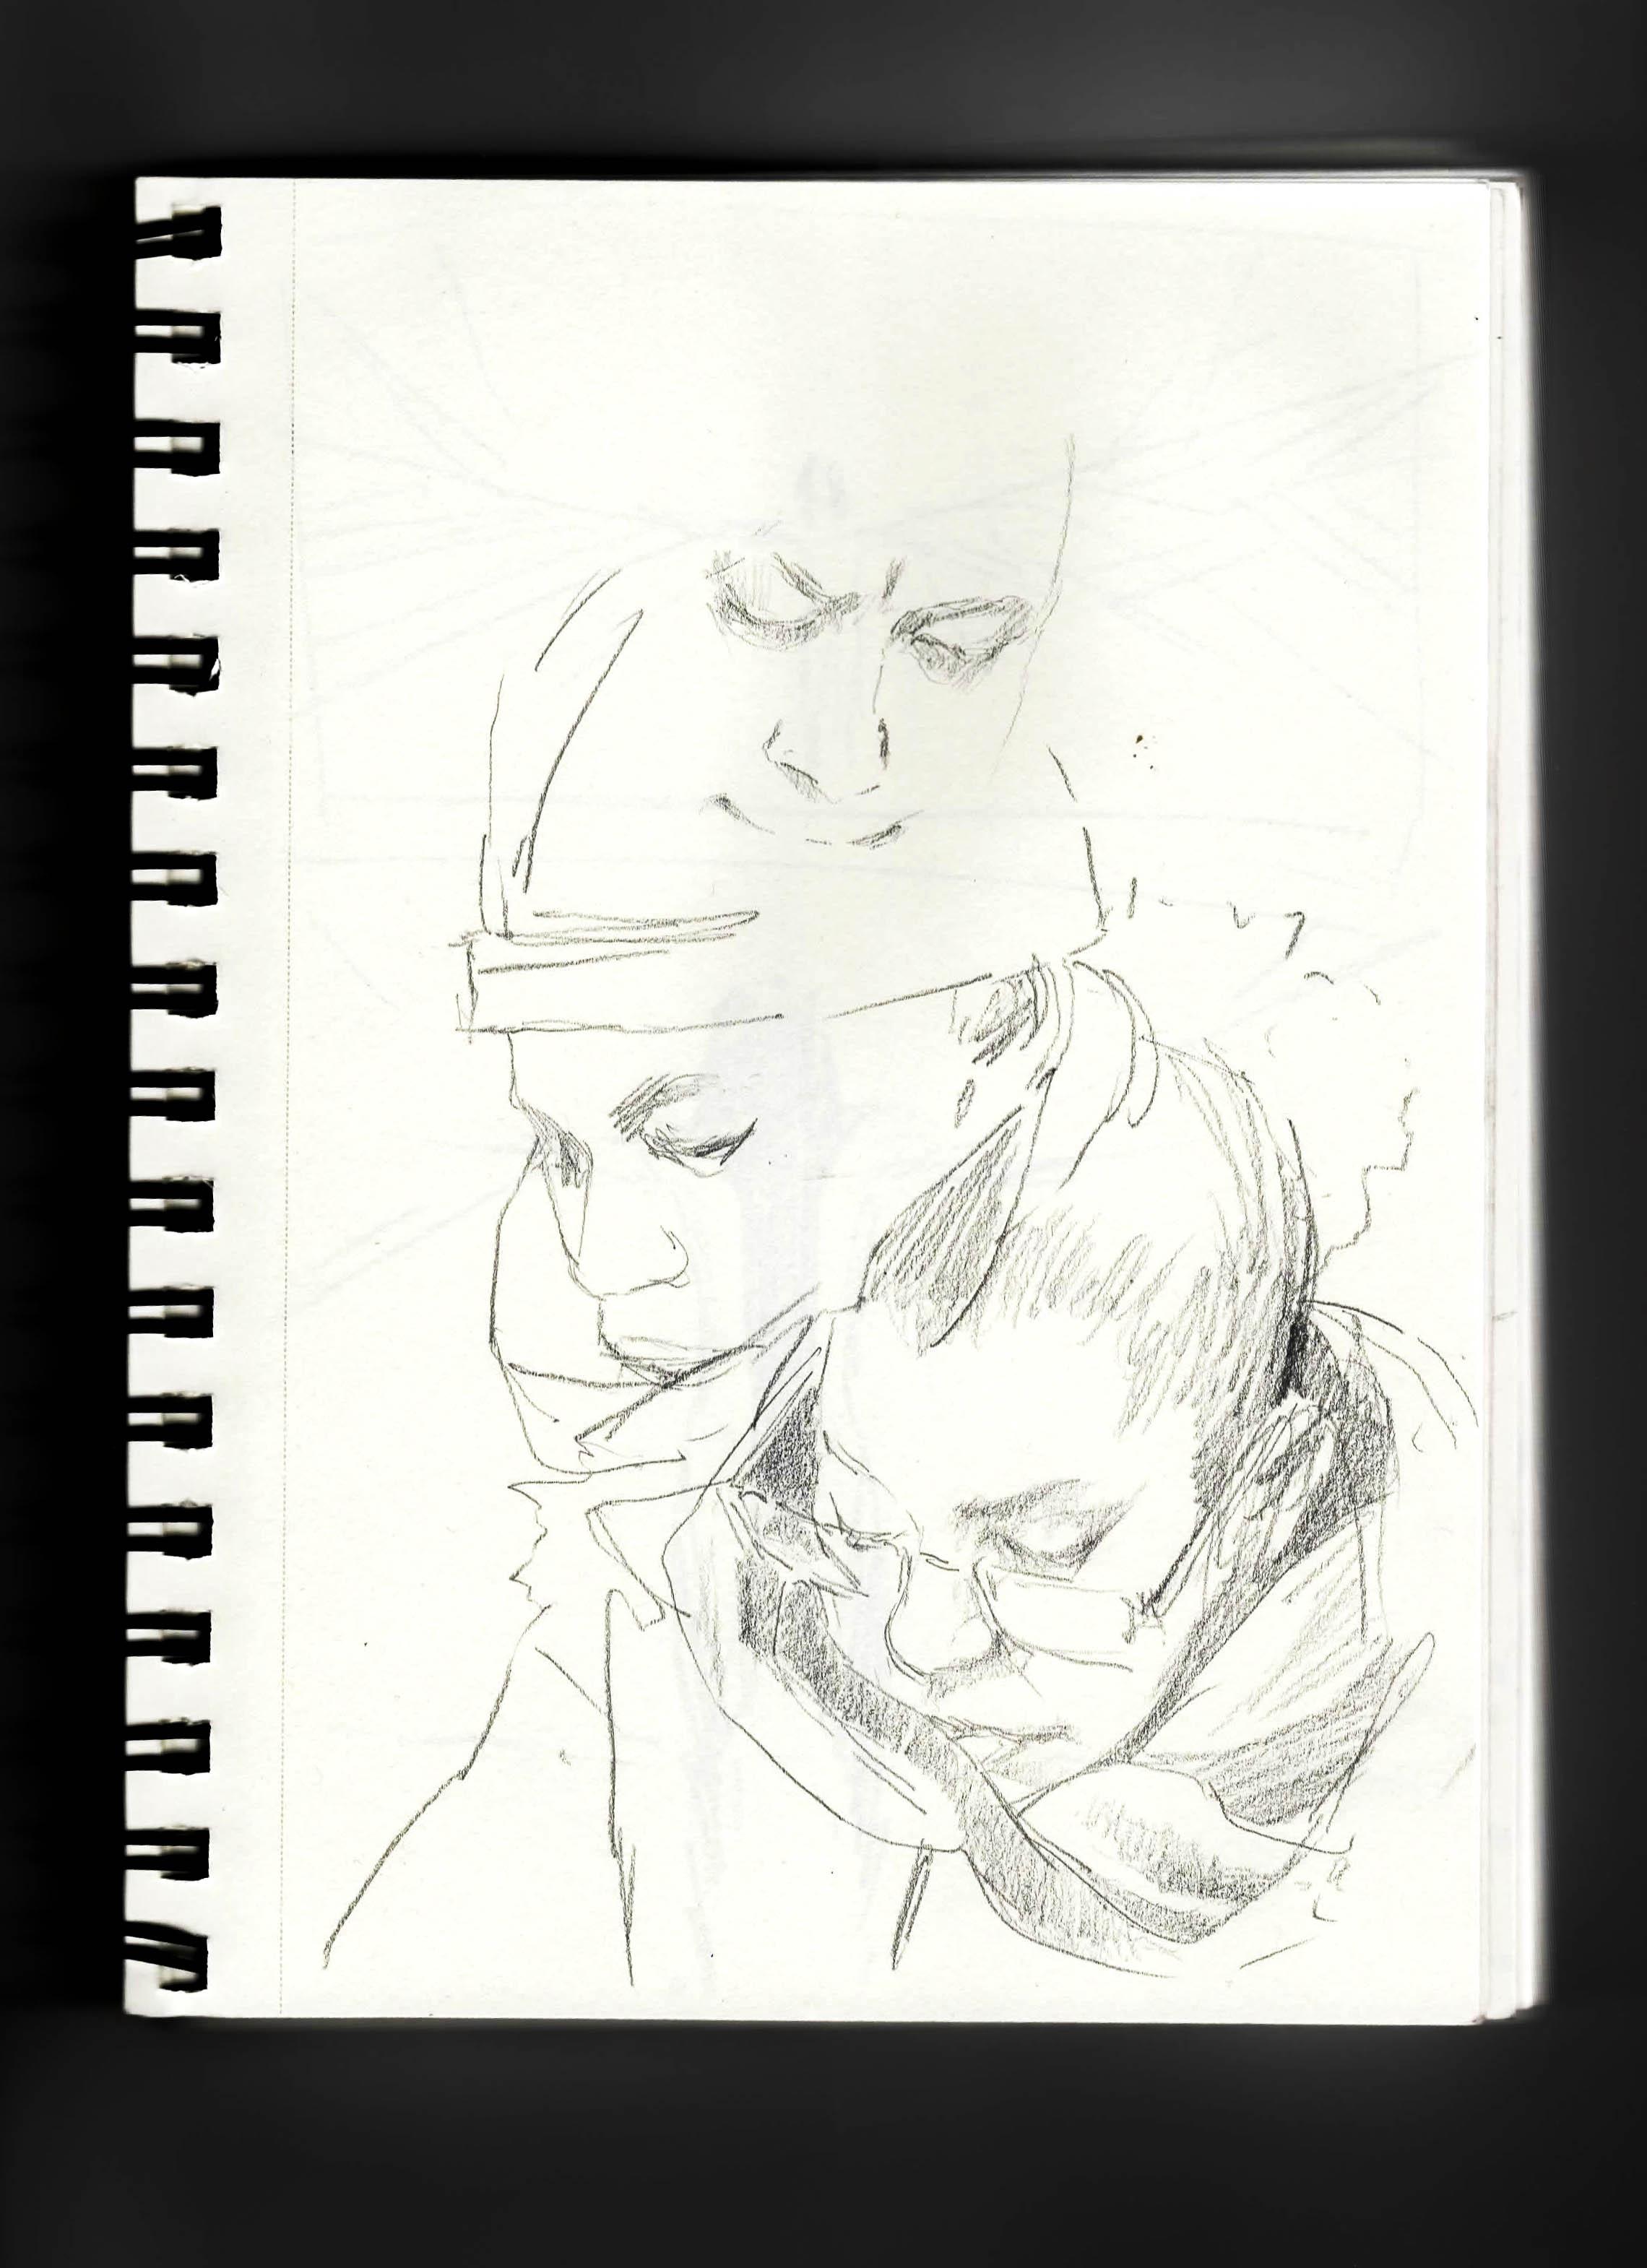 nyc subway sketch